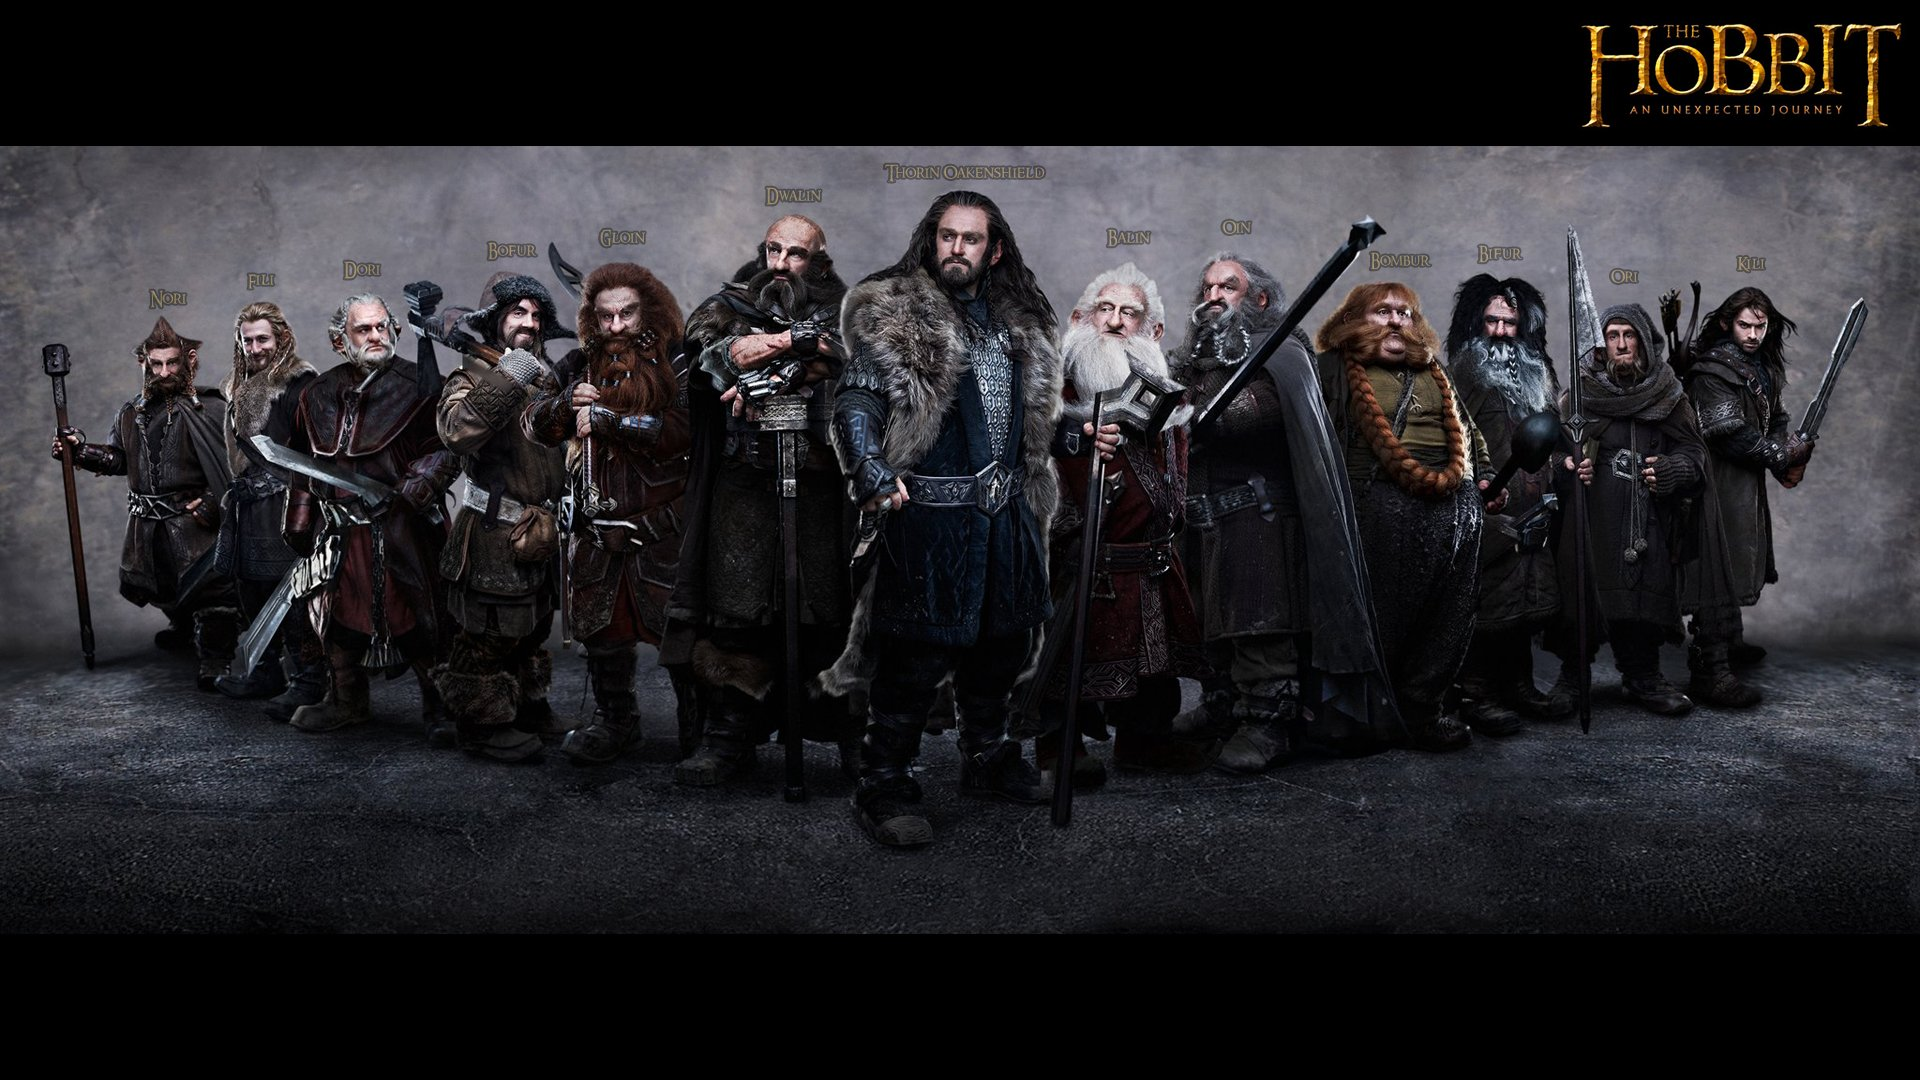 fondos de pantalla de el hobbit un viaje inesperado